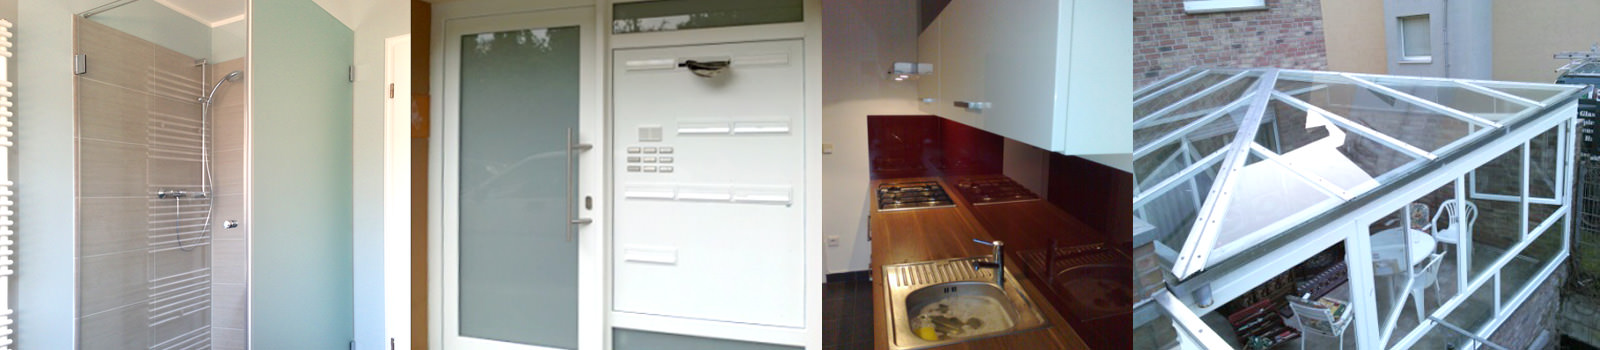 glas niederrhein glaserei f r privatkunden. Black Bedroom Furniture Sets. Home Design Ideas